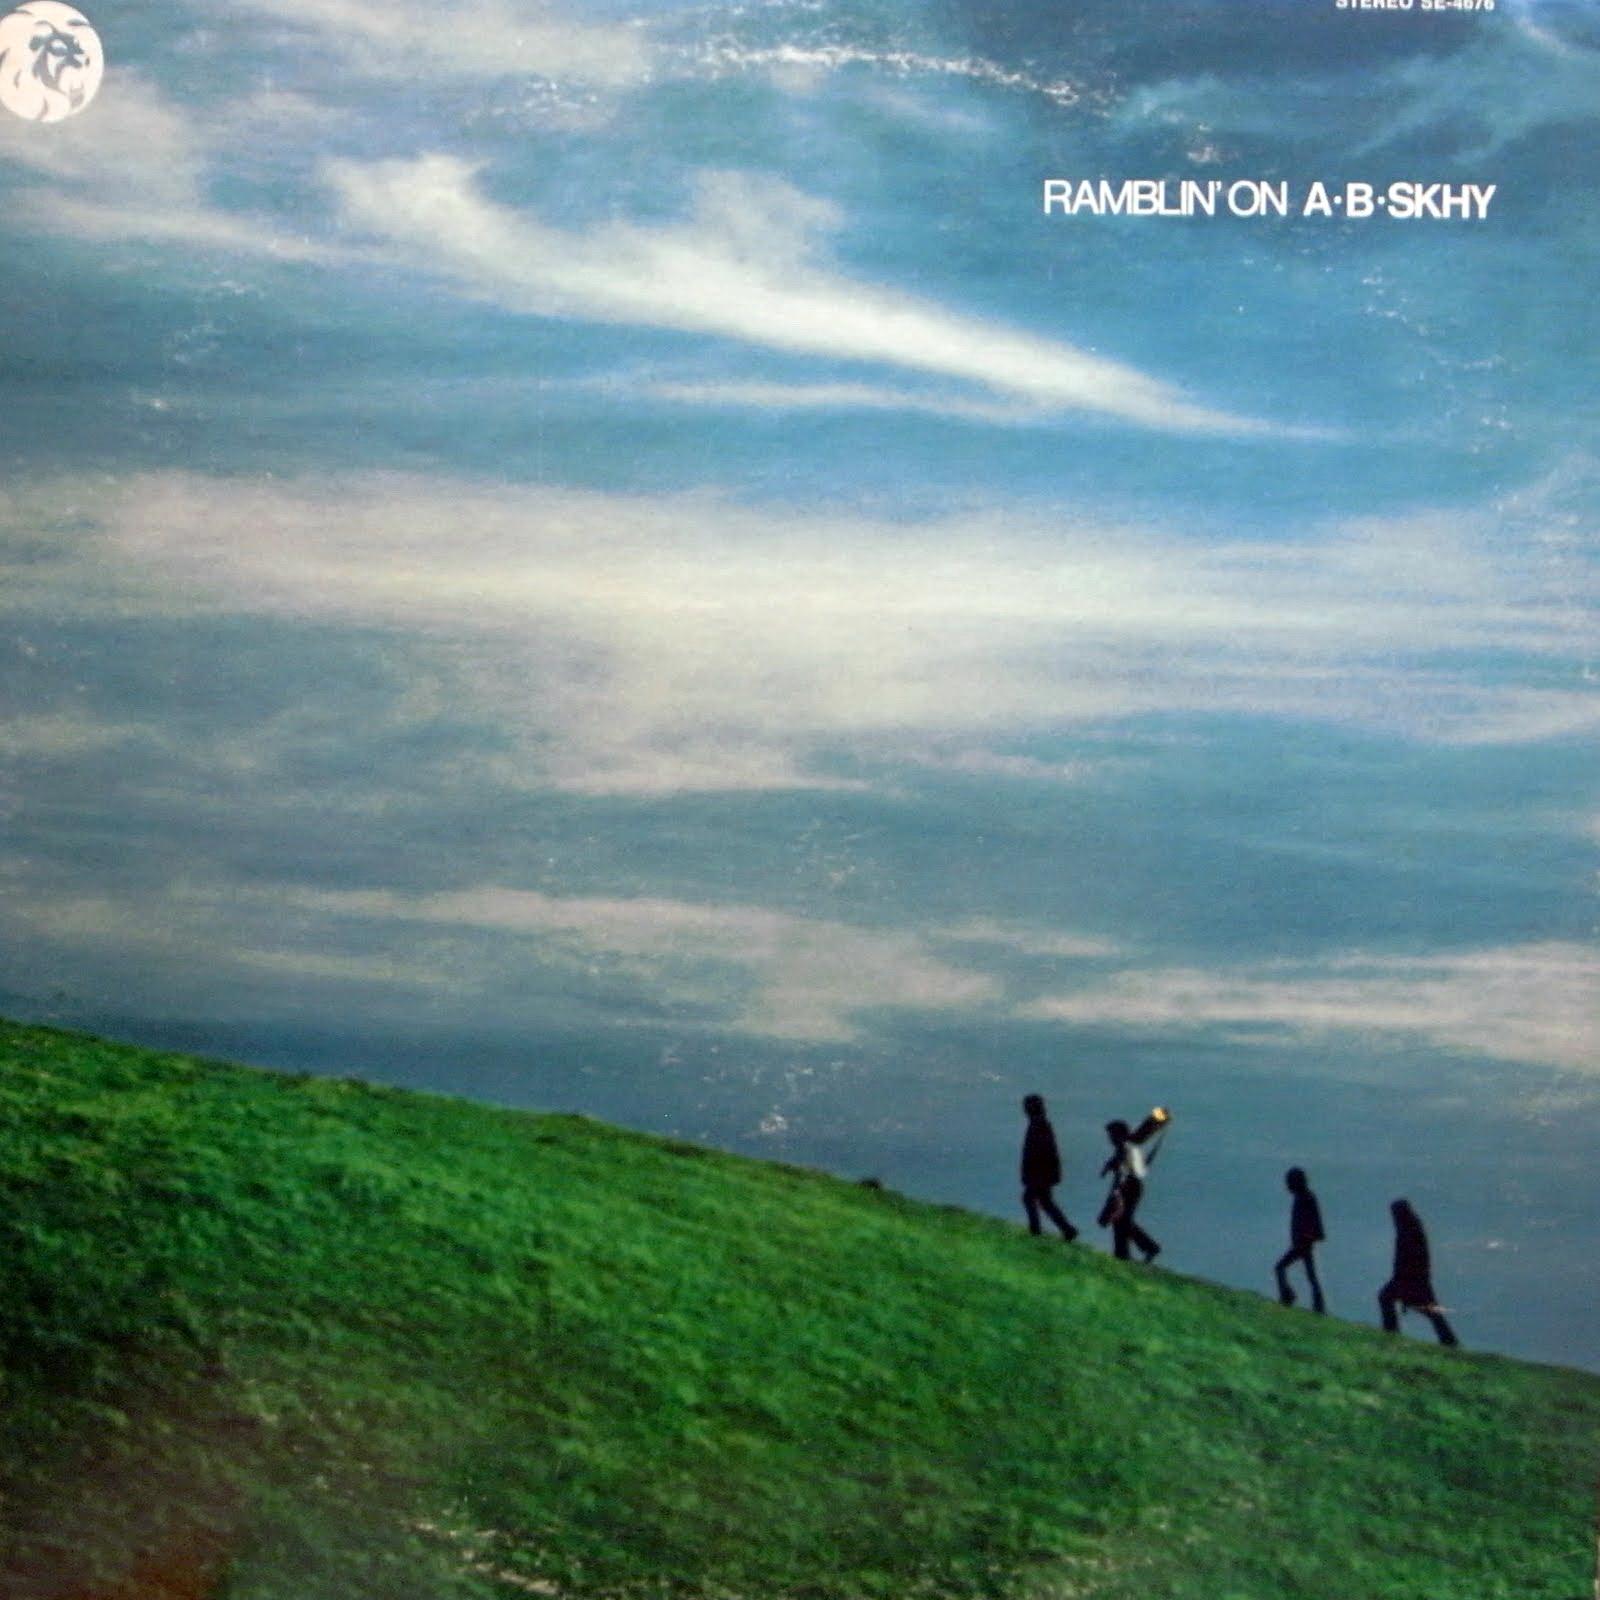 """""""A.B. Skhy"""" (originalmente """"New Blues"""") foi uma banda americana de blues e jazz rock formada em 1968 na cidade de Milwaukee, Wisconsin. Eles gravaram dois álbuns e a banda se desfez no início de 1970. Composta por """"Dennis Geyer"""" (guitarra e vocal), """"Jim Marcotte"""" (baixo), """"Terry Anderson"""" (bateria) e """"Howard Wales"""" (teclados), """"New Blues"""" mudou-se para San francisco e aderiu um novo nome, """"A.B. Skhy"""", fizeram uma sequência de performances ao vivo. Assinaram um contrato com a MGM records e trabalharam com o produtor """"Richard Delvy"""" em seu álbum de estréia, um auto-intitulado lançado em 1969. O primeiro álbum também contou com a participação do guitarrista """"Russell Dashiell"""", o gaitista """"Jim Liban"""" e o flautista """"Otis Hale"""", onde gerou o single """"Camel Back"""", que alcançou o número 100 na Billboard Hot 100. """"Geyer"""" e """"Marcotte"""" recrutaram o baterista """"Rick Jaeger"""" e o guitarrista """"James 'Curley' Cooke"""" (ex """"The Versitones"""" e """"The Steve Miller Band""""), essa nova formação gravou o segundo álbum, """"Ramblin 'On"""", lançado em março de 1970, com """"Kim Fowley"""" e """"Michael Lloyd"""" na produção. O álbum incluía uma mistura de cover versões e canções originais escritas por """"Cooke"""". Um terceiro álbum foi iniciado, mas a banda se separou antes de ter sido concluído, não se sabe o motivo. Recomendo."""